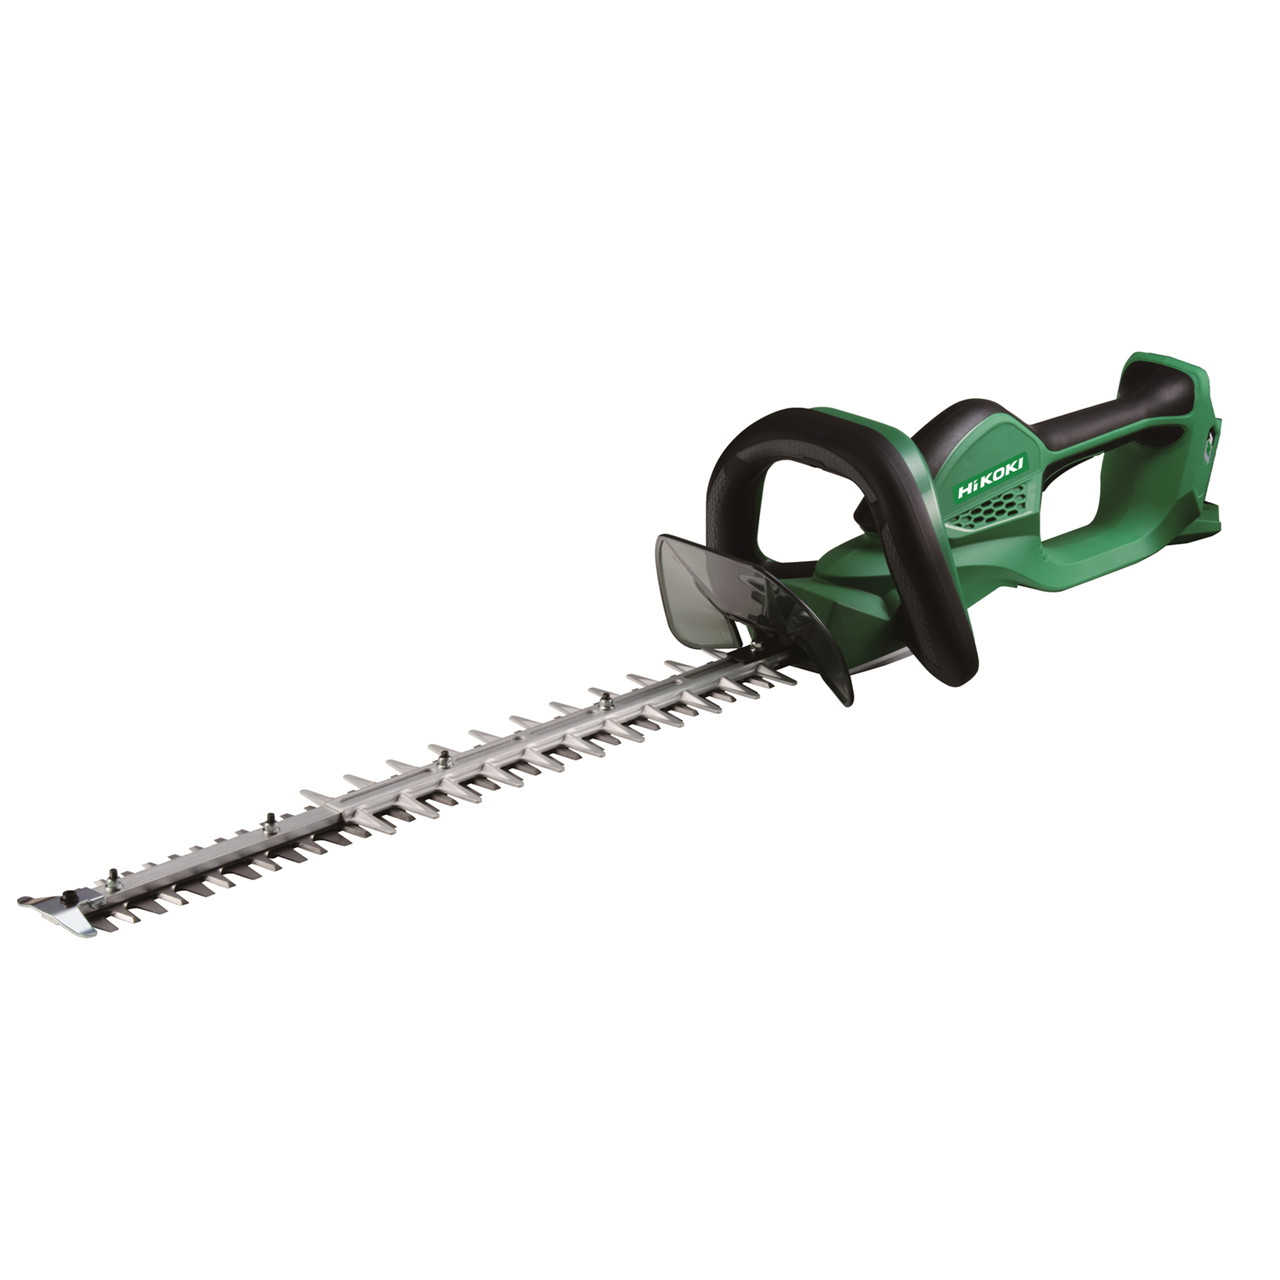 Hikoki Hækkeklipper CH3656DA MultiVolt TOOL ONLY 36V uden batteri og lader - Værktøj -> El-værktøj -> Akku-Værktøj -> Diverse|Værktøj -> El-værktøj -> Akku-Værktøj|Værktøj -> El-værktøj|Diverse -> Have og park -> Akkumaskiner|Diverse -> Have og park|Mærker -> HIKOKI (Hitachi) -> Hikoki MultiVolt|Mæ